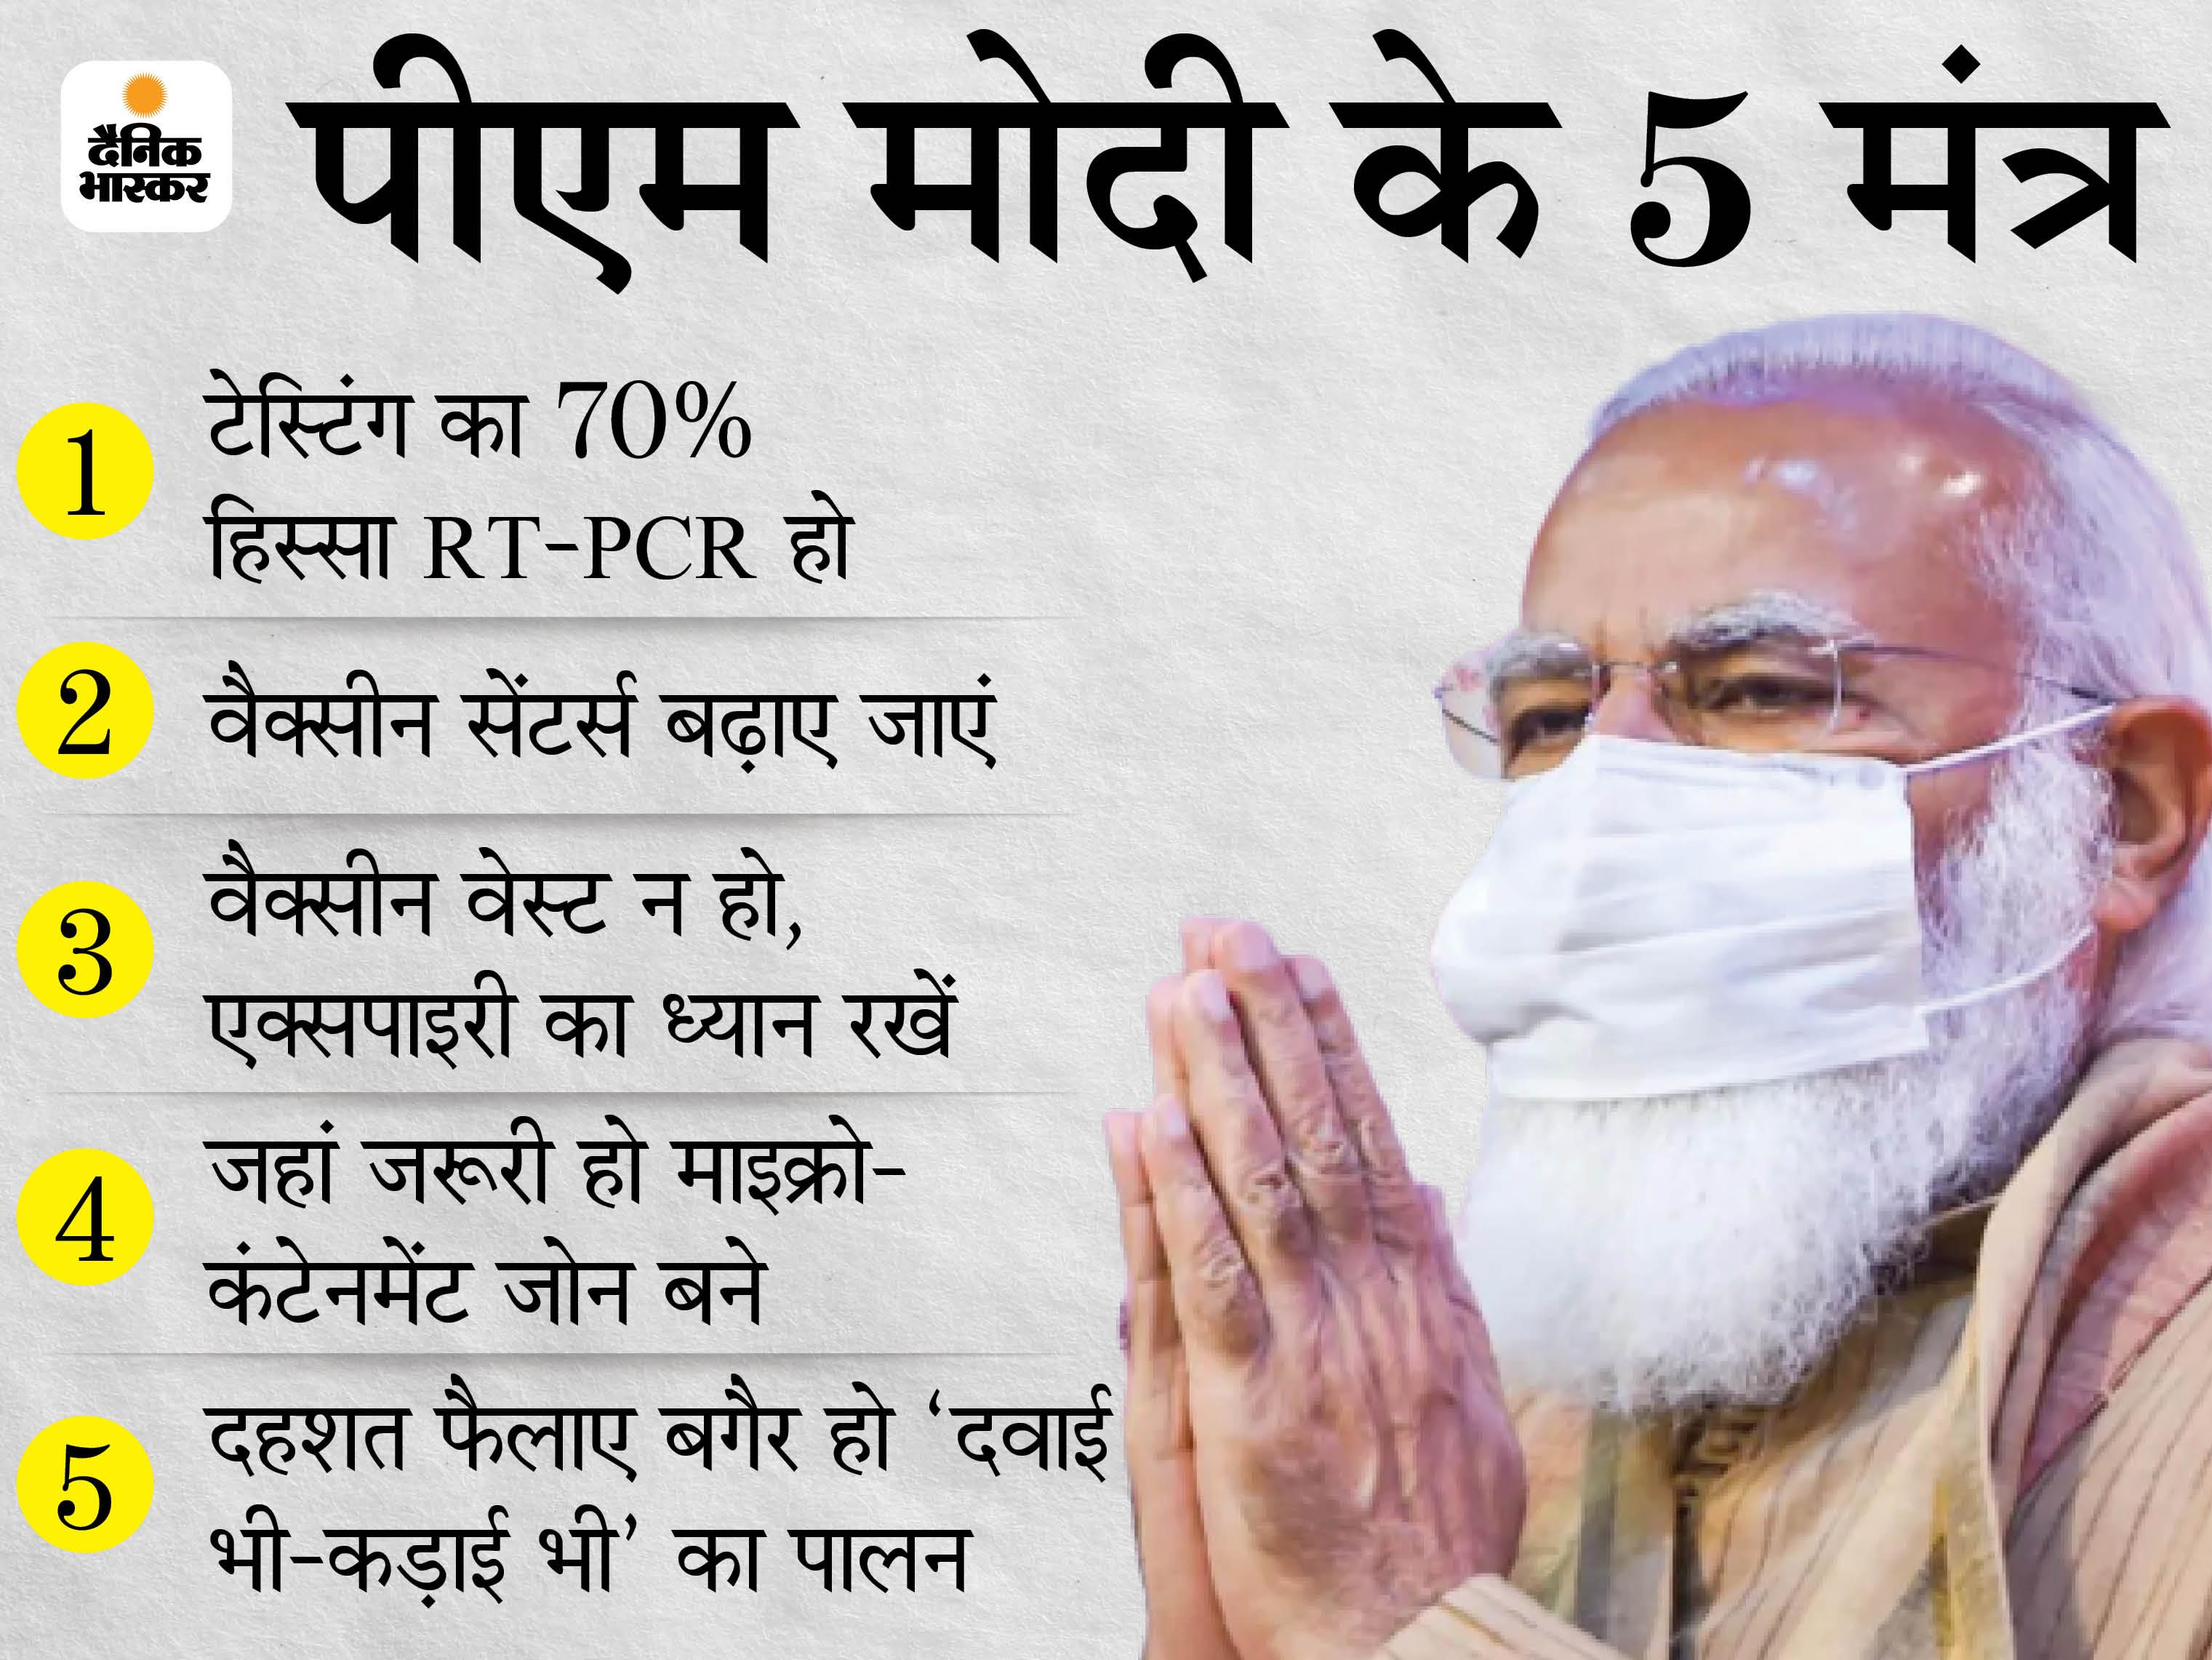 PM मोदी ने मुख्यमंत्रियों को दिया थ्री T का मंत्र, कहा- हमें टेस्टिंग, ट्रैकिंग और ट्रीटमेंट पर जोर देना होगा, गांवों को बचाना जरूरी|देश,National - Dainik Bhaskar